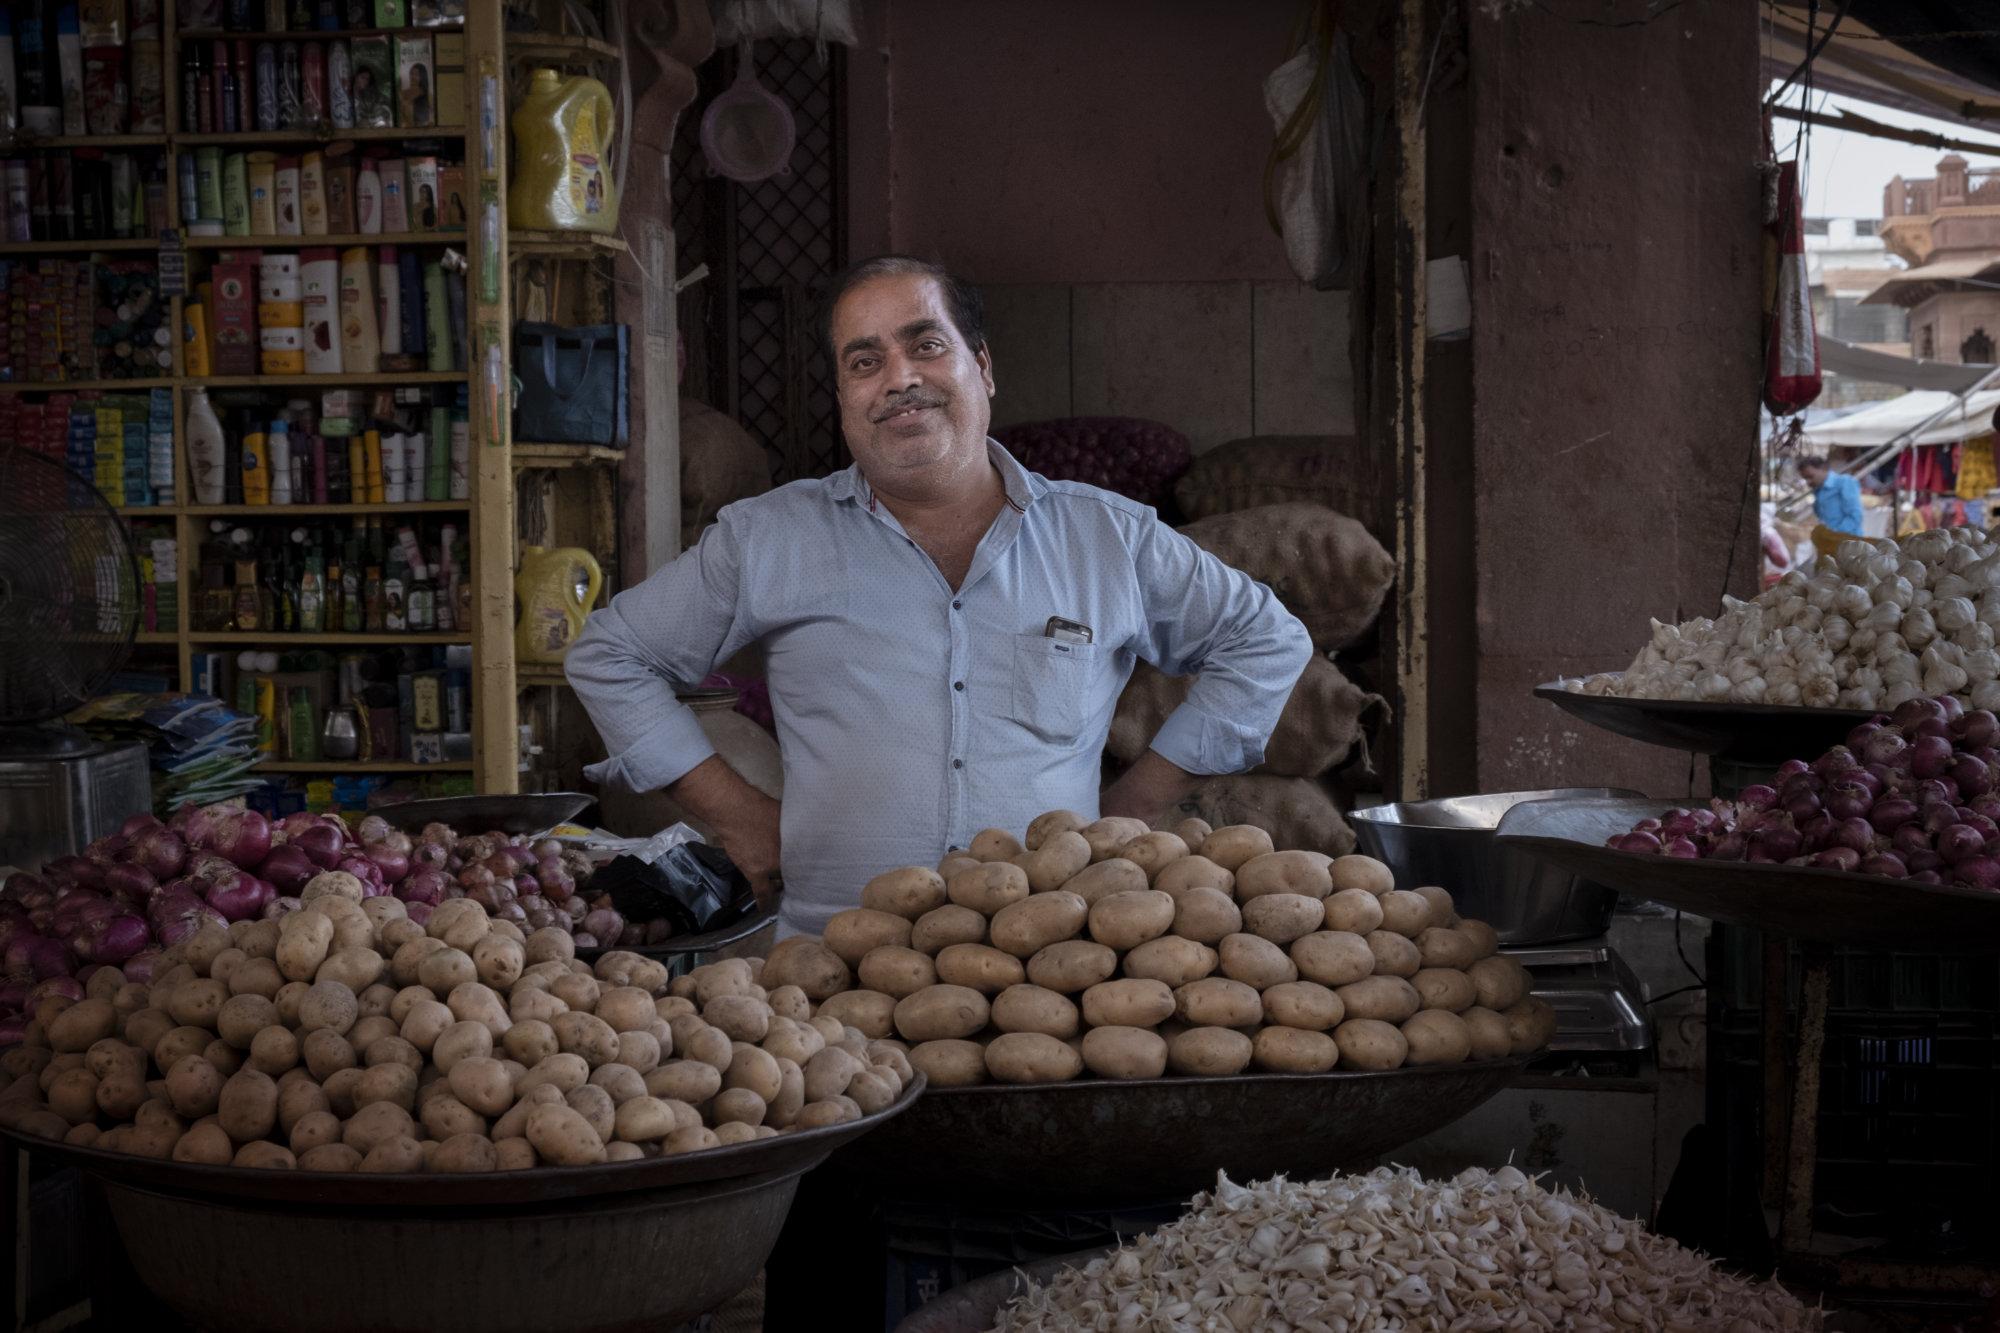 Inde-vendeur-patates-frederic-vigier